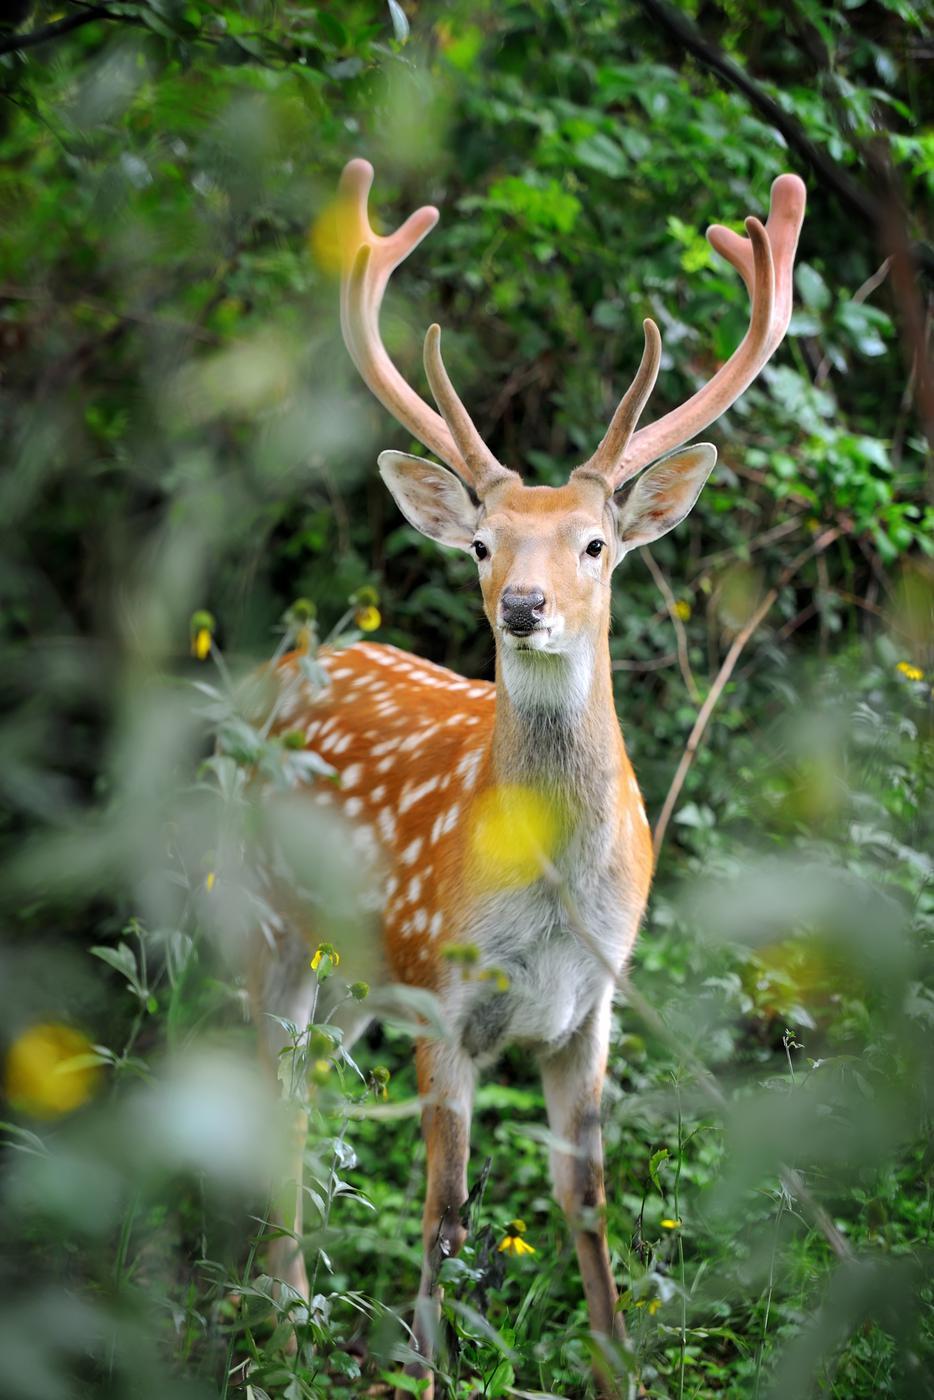 Ein Hirsch steht im Wald.